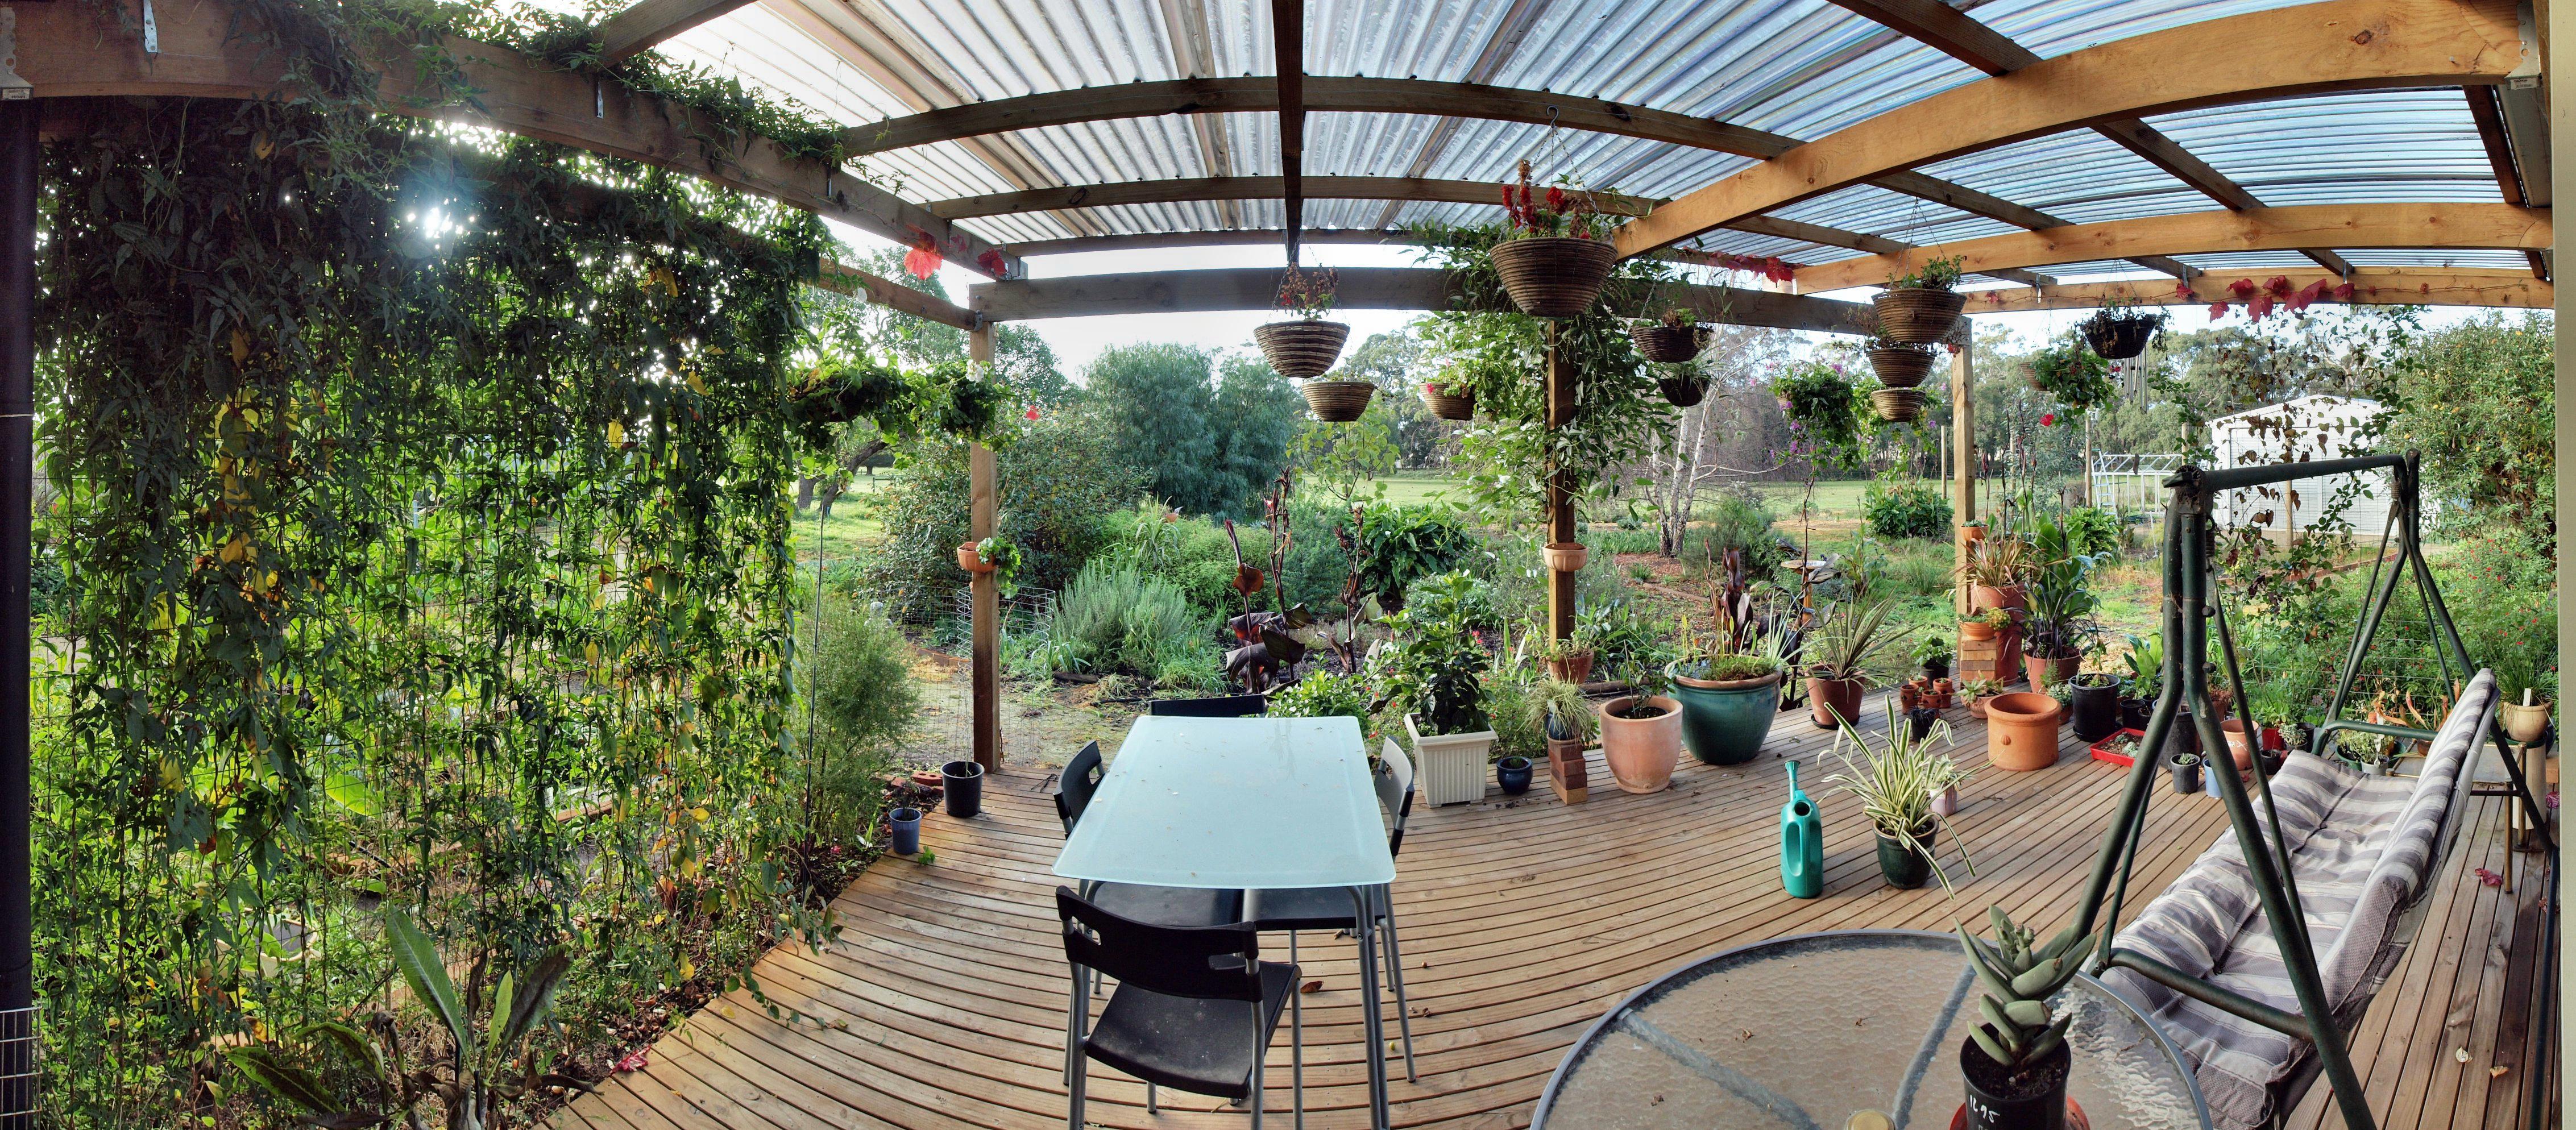 verandah-panorama-nofill.jpeg